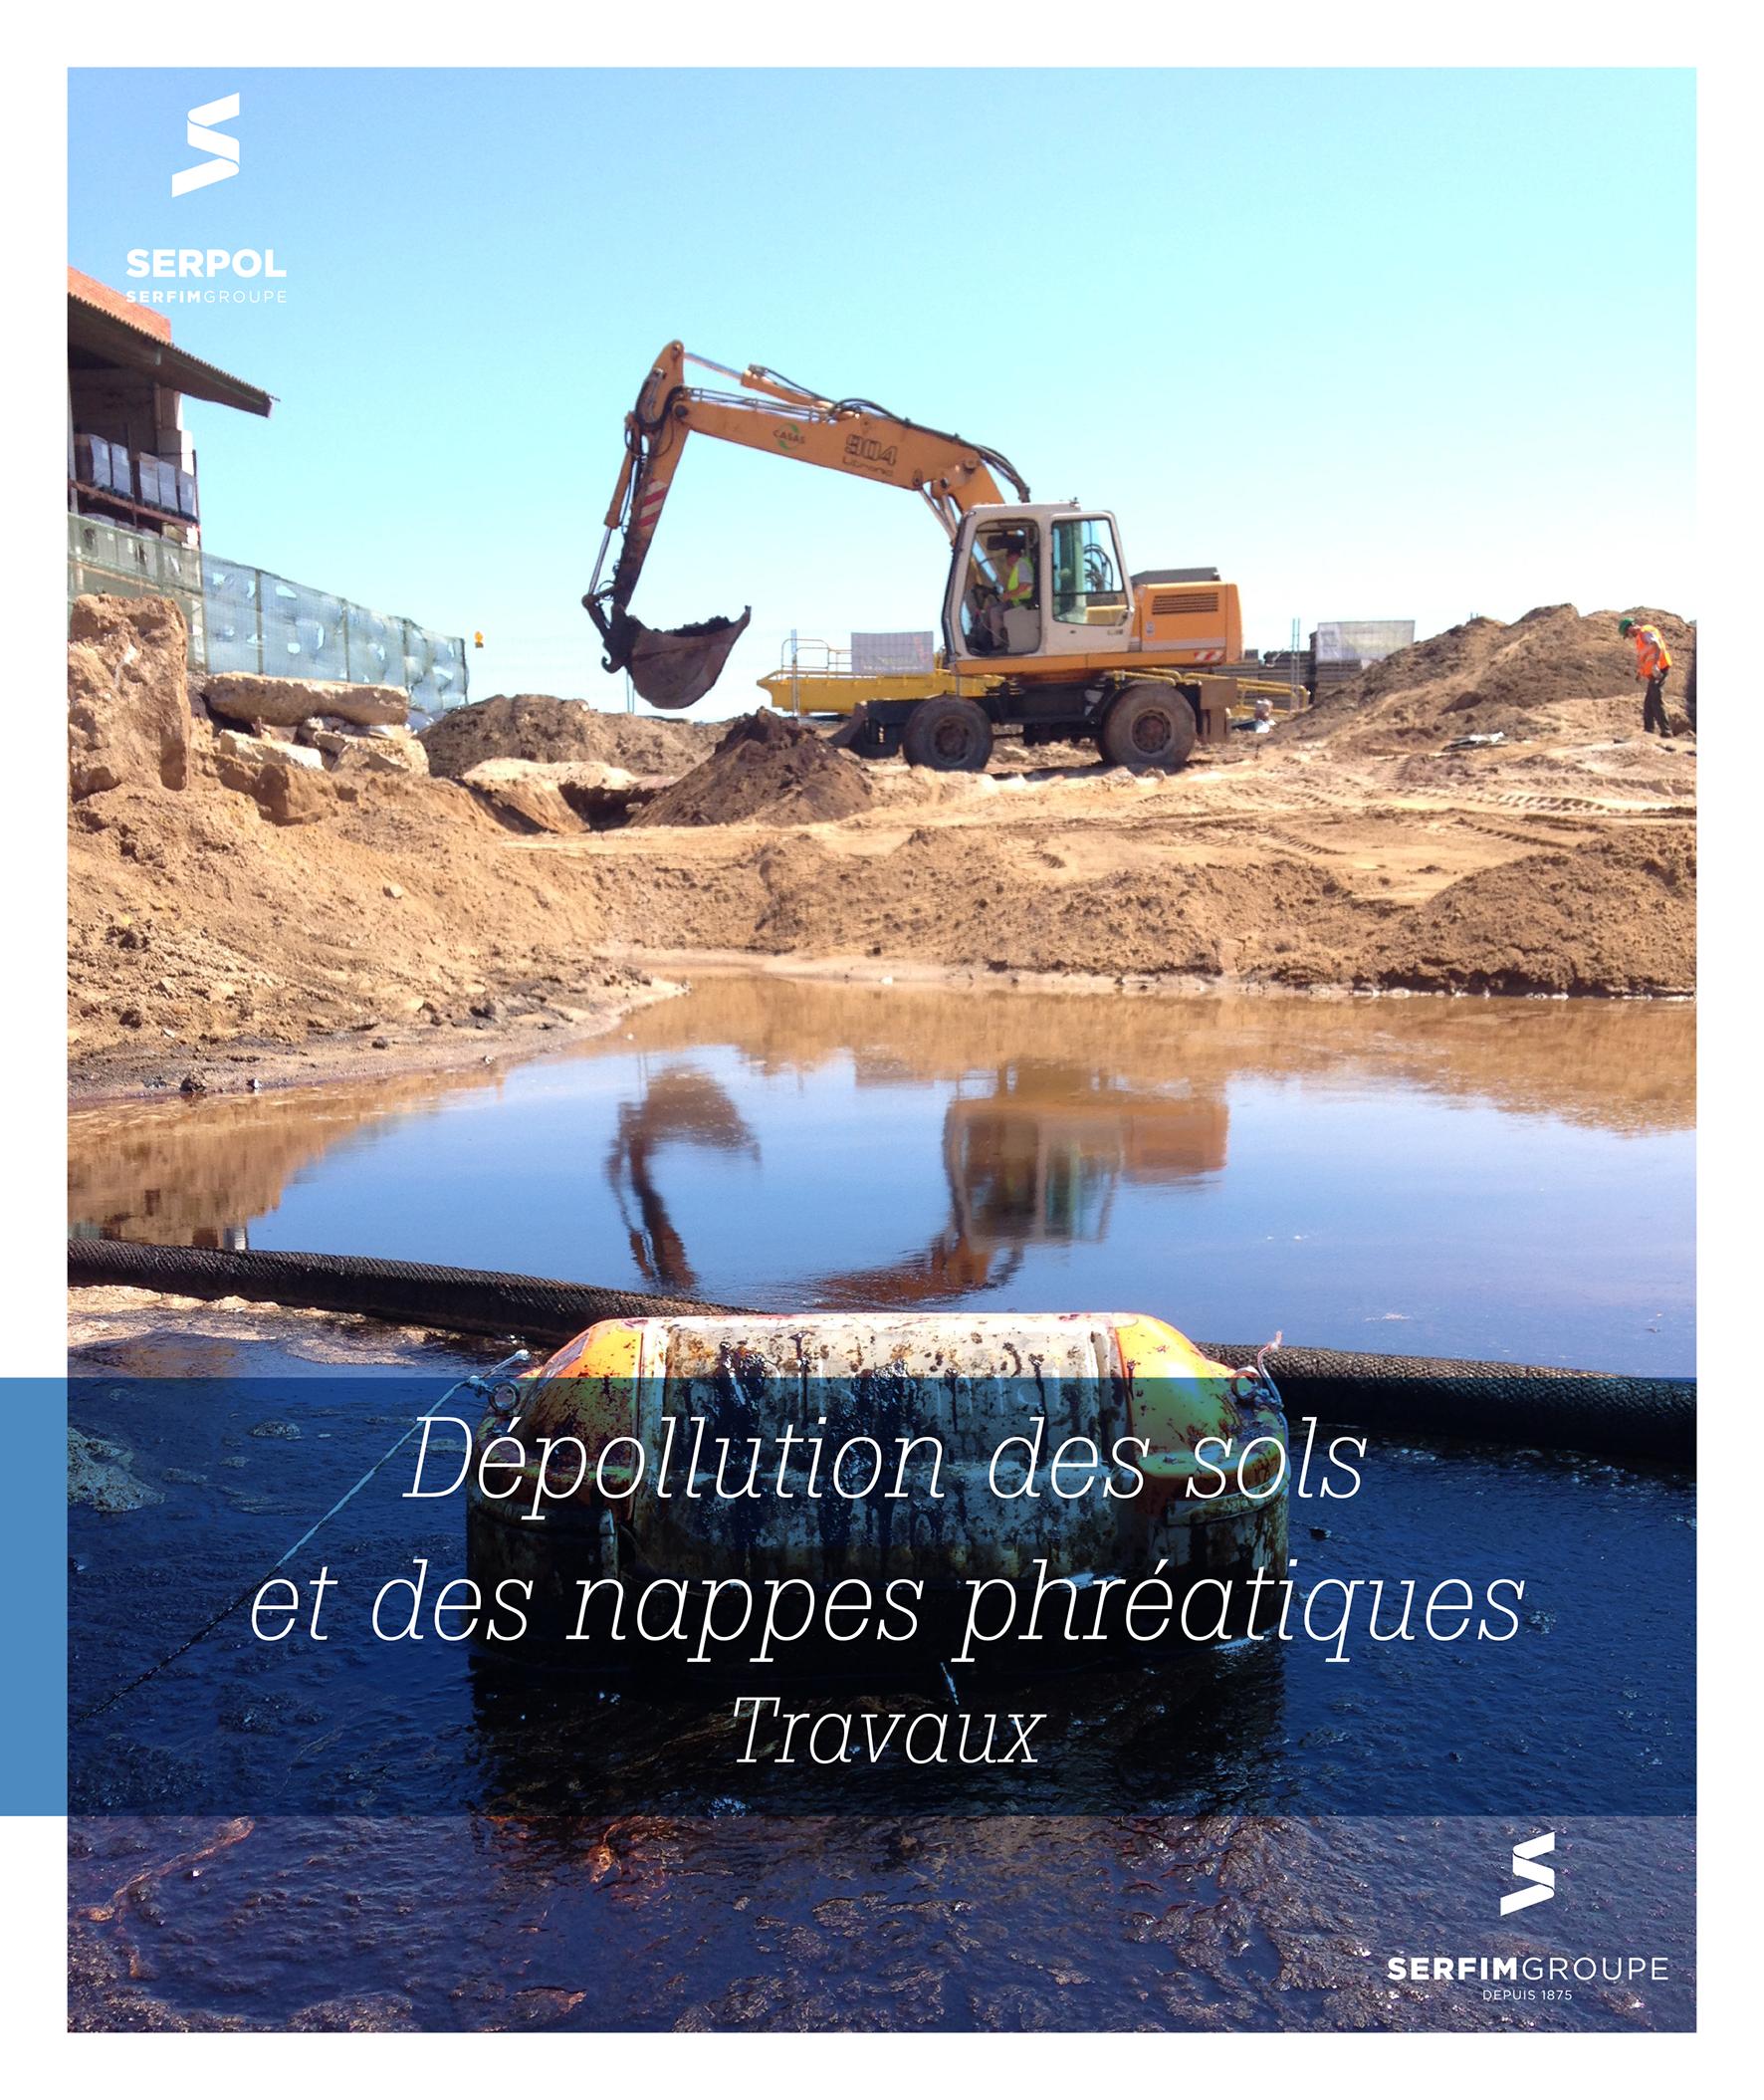 couv_depollution-des-sols-travaux